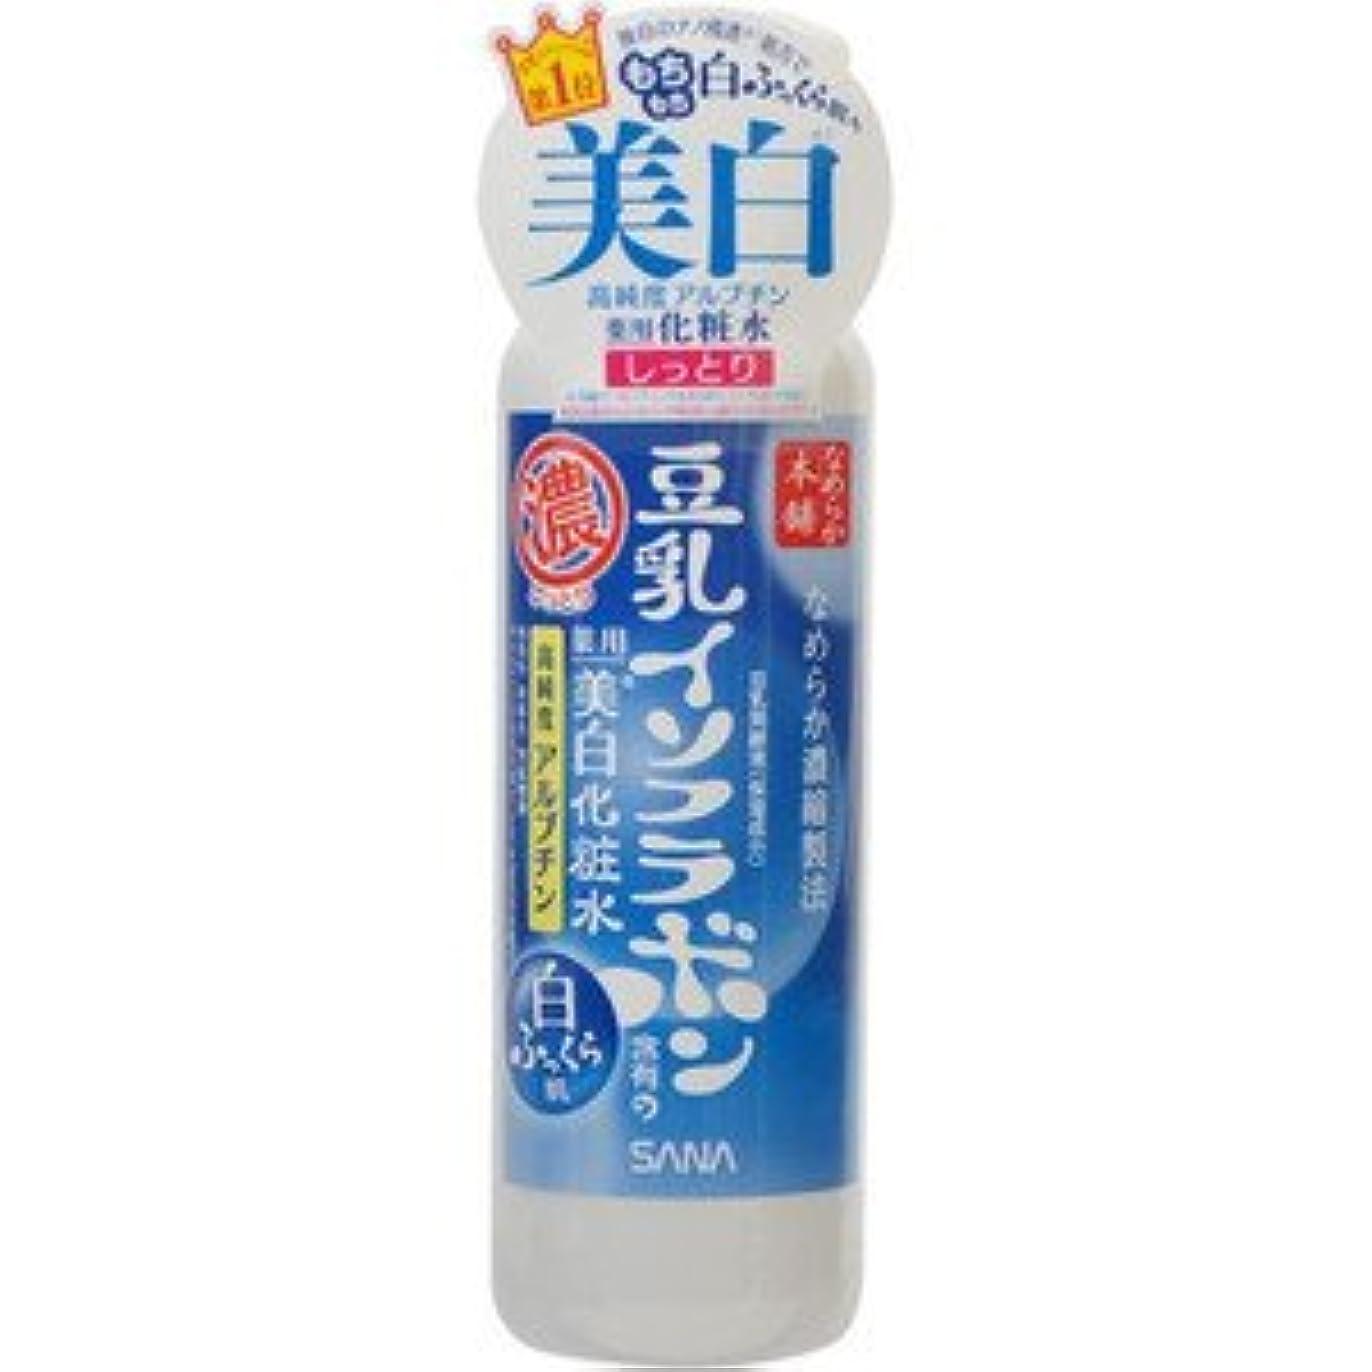 レパートリーバン飼料サナ なめらか本舗 薬用美白しっとり化粧水 × 10個セット